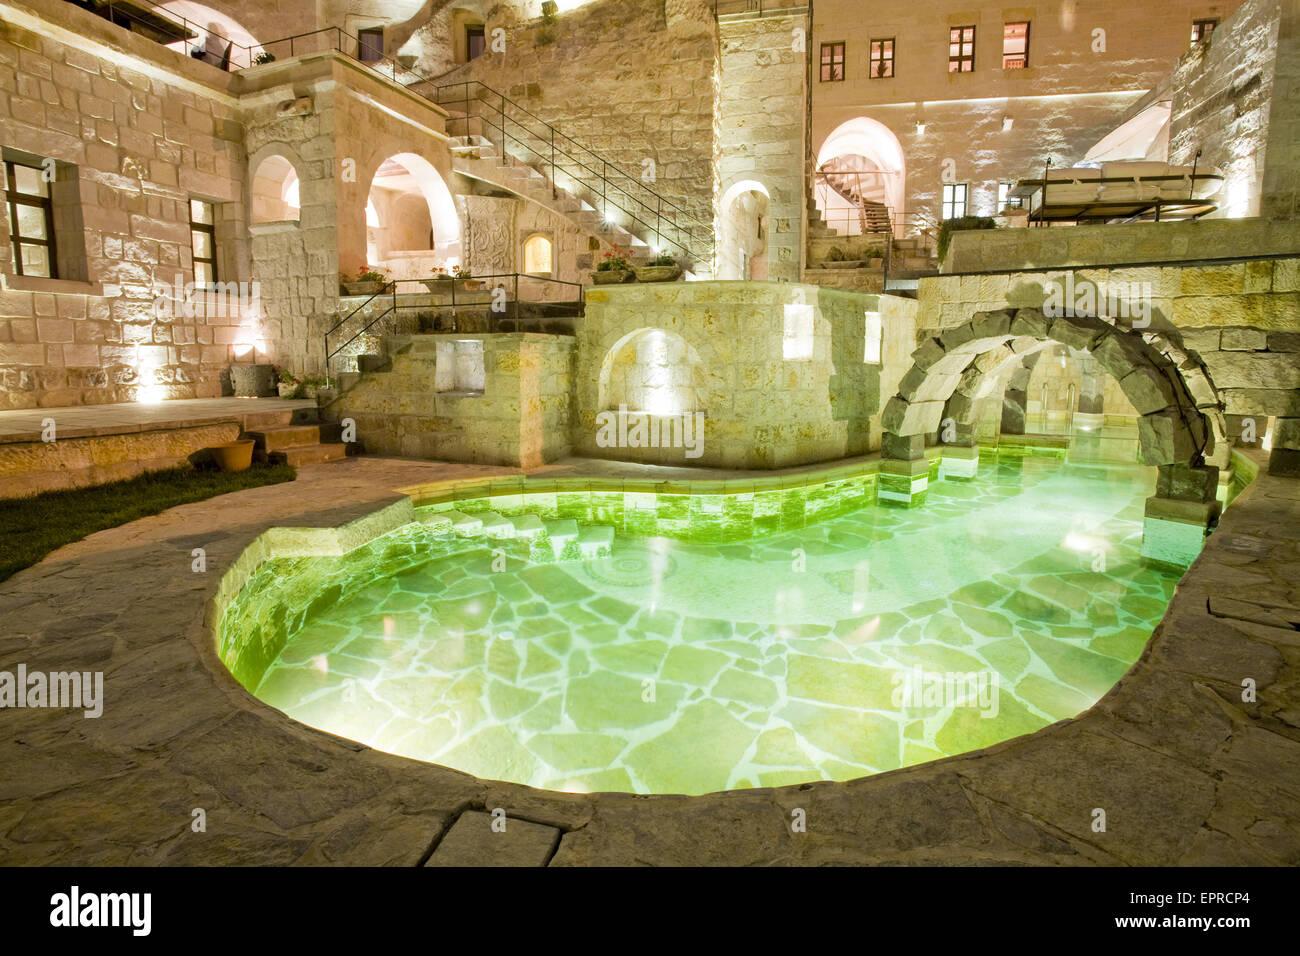 Piscina all'interno di un'abitazione a Goreme , Cappadocia, Nevsehir Provincia, Anatolie, Turchia, Novembre Immagini Stock